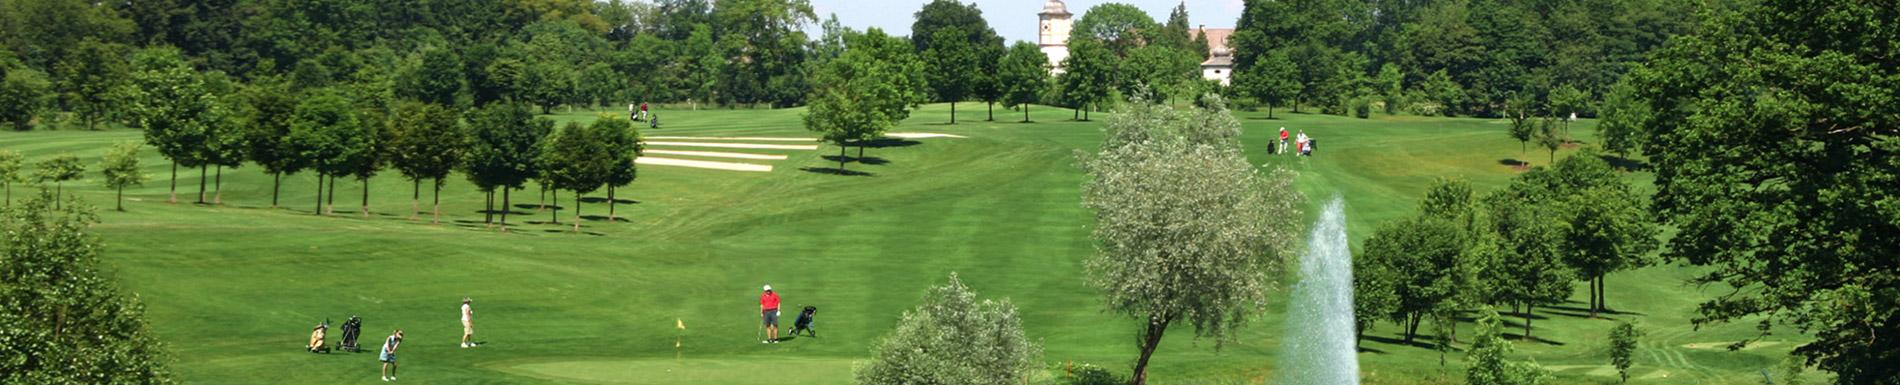 Golfclub Schloss Guttenburg